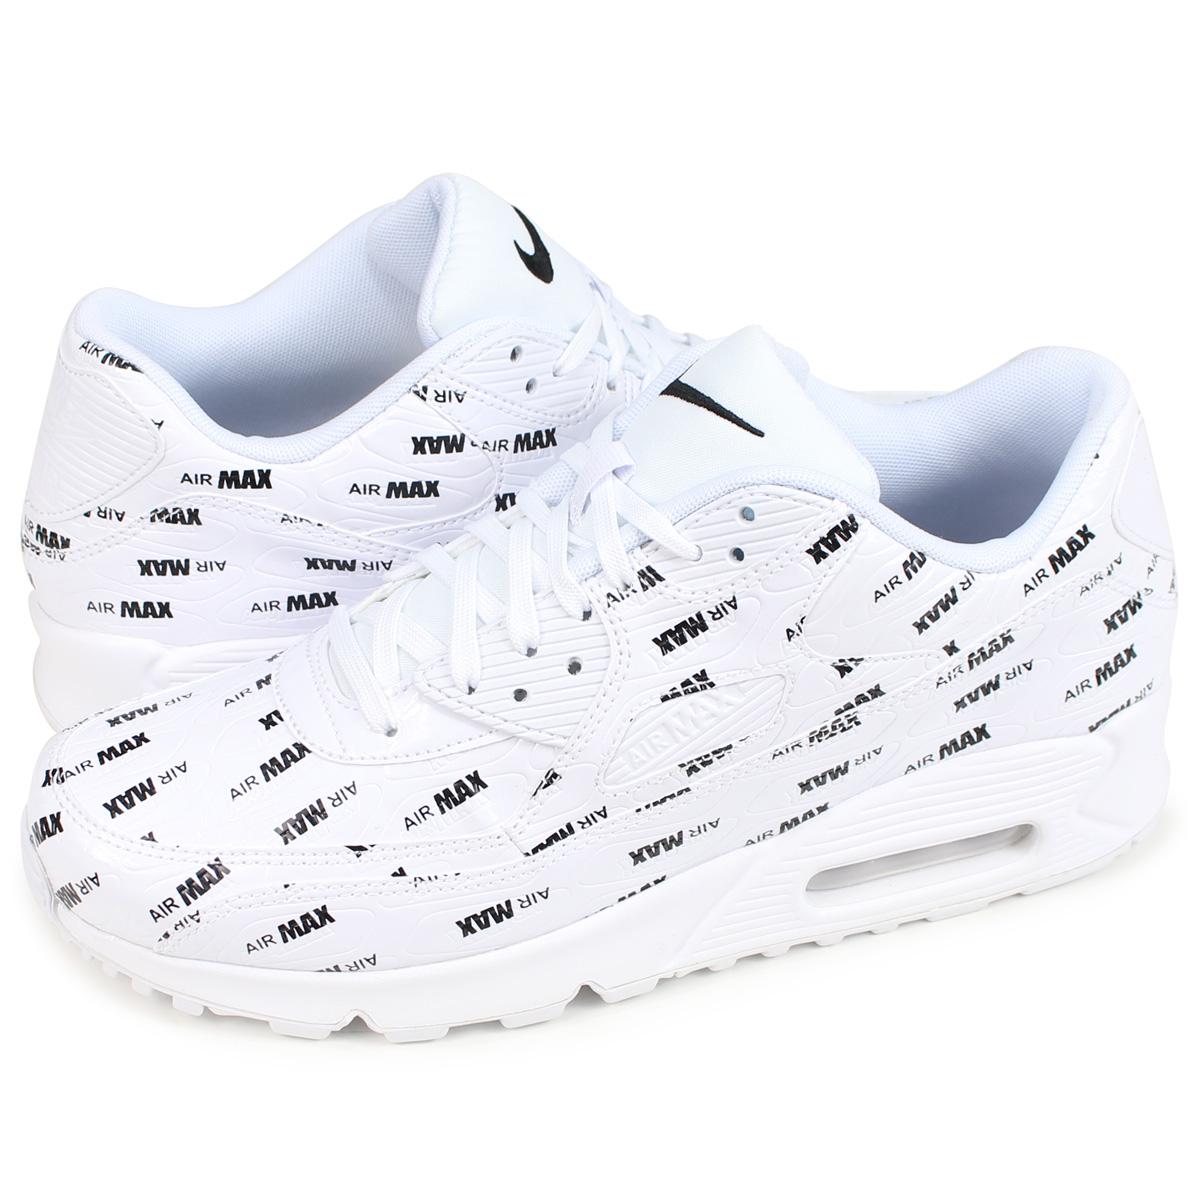 new product c4ad7 4377c NIKE AIR MAX 90 PREMIUM Kie Ney AMAX 90 sneakers men gap Dis 700,155-103 ...